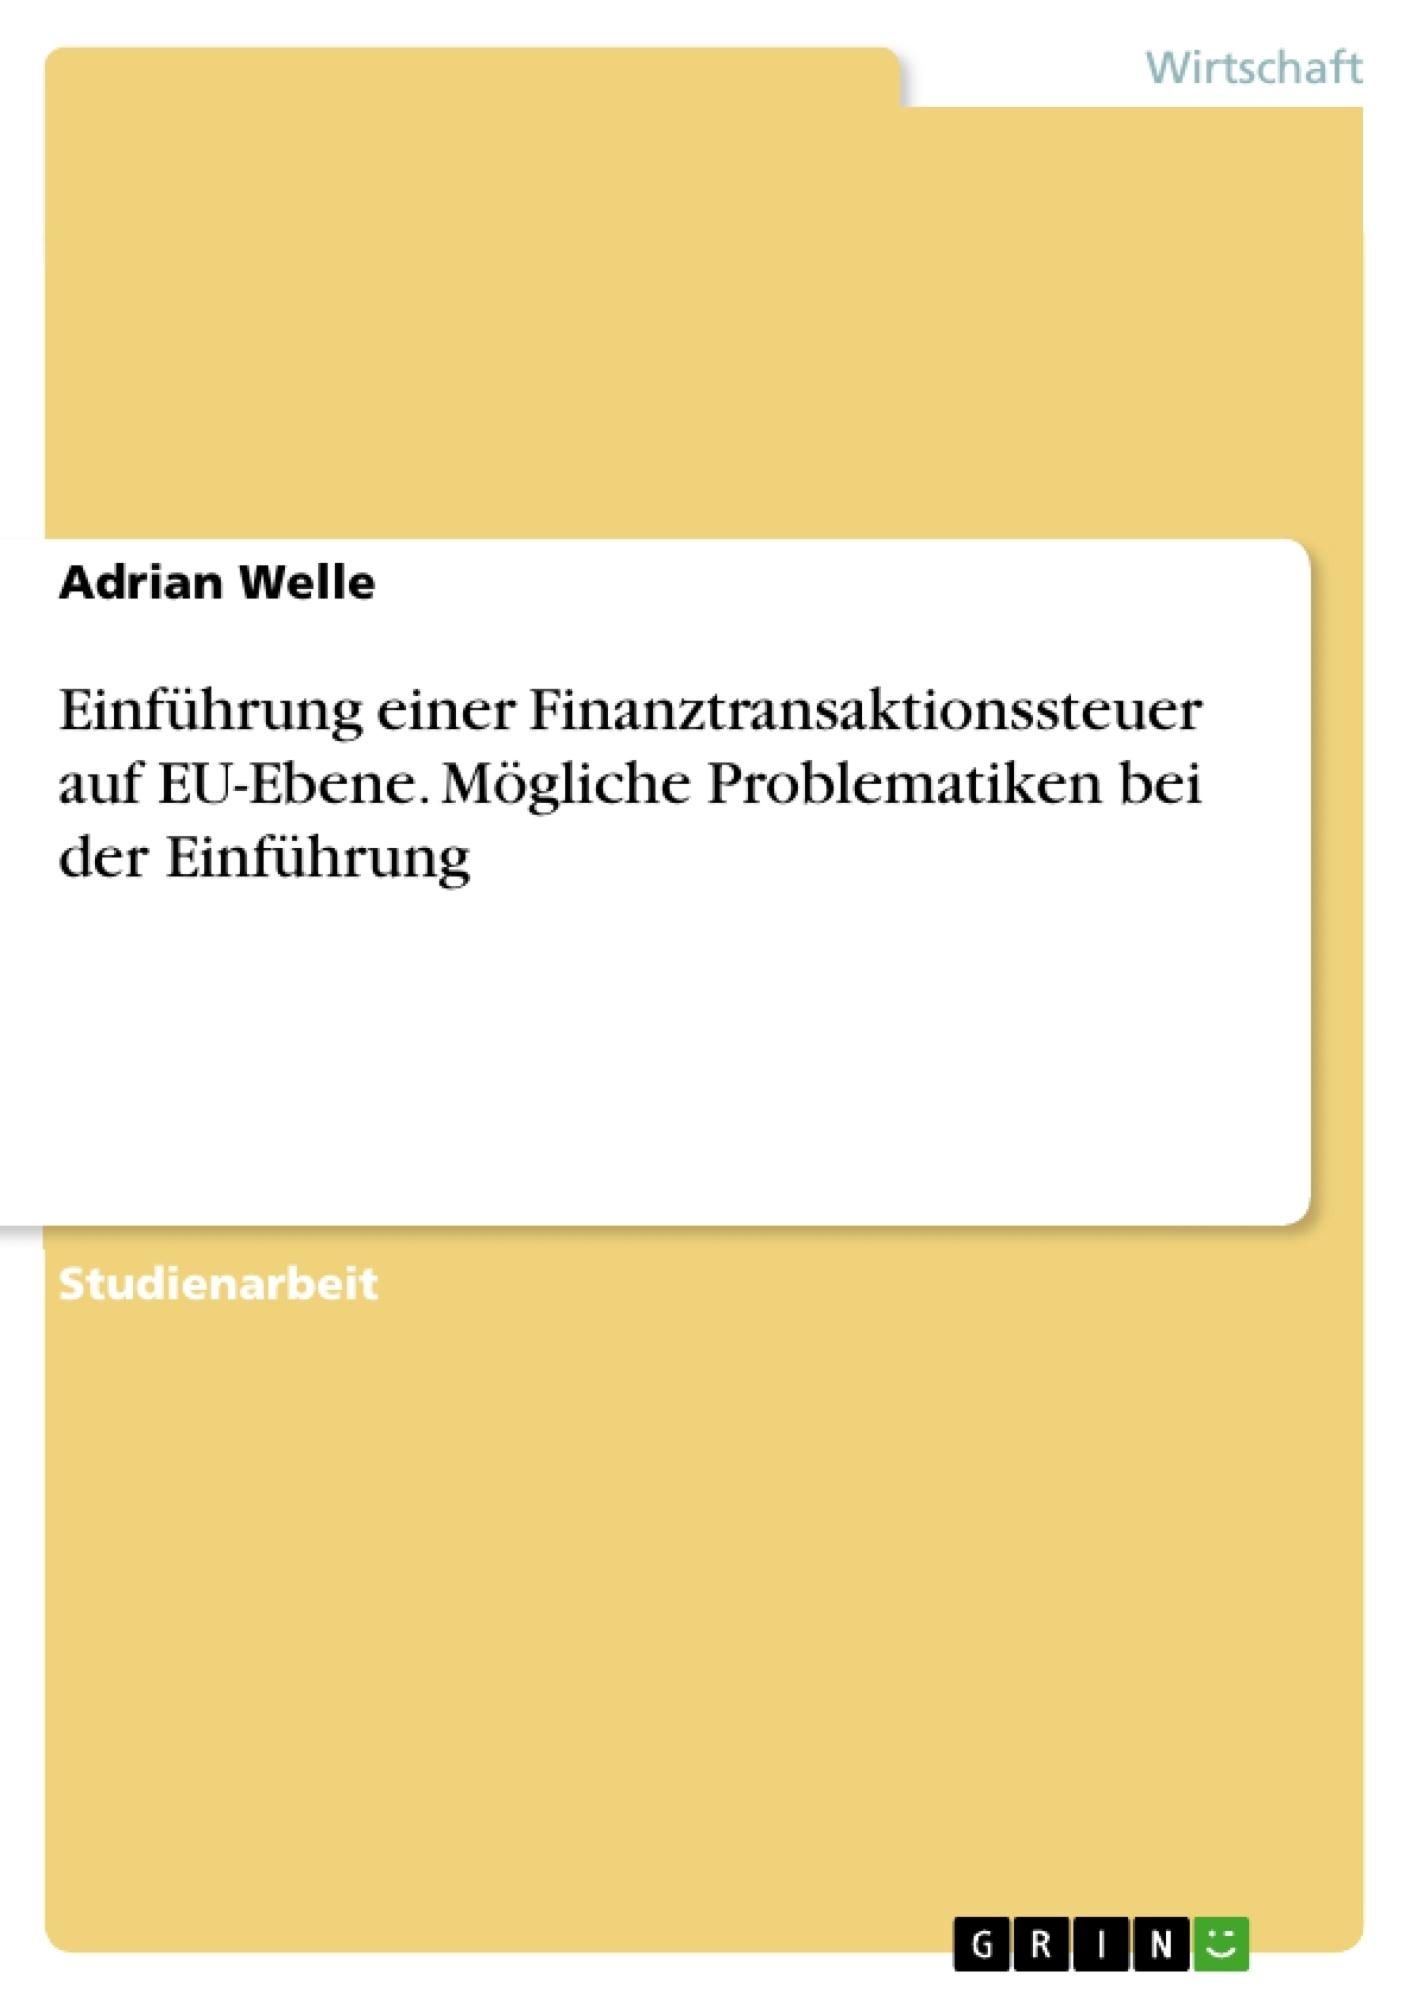 Titel: Einführung einer Finanztransaktionssteuer auf EU-Ebene. Mögliche Problematiken bei der Einführung